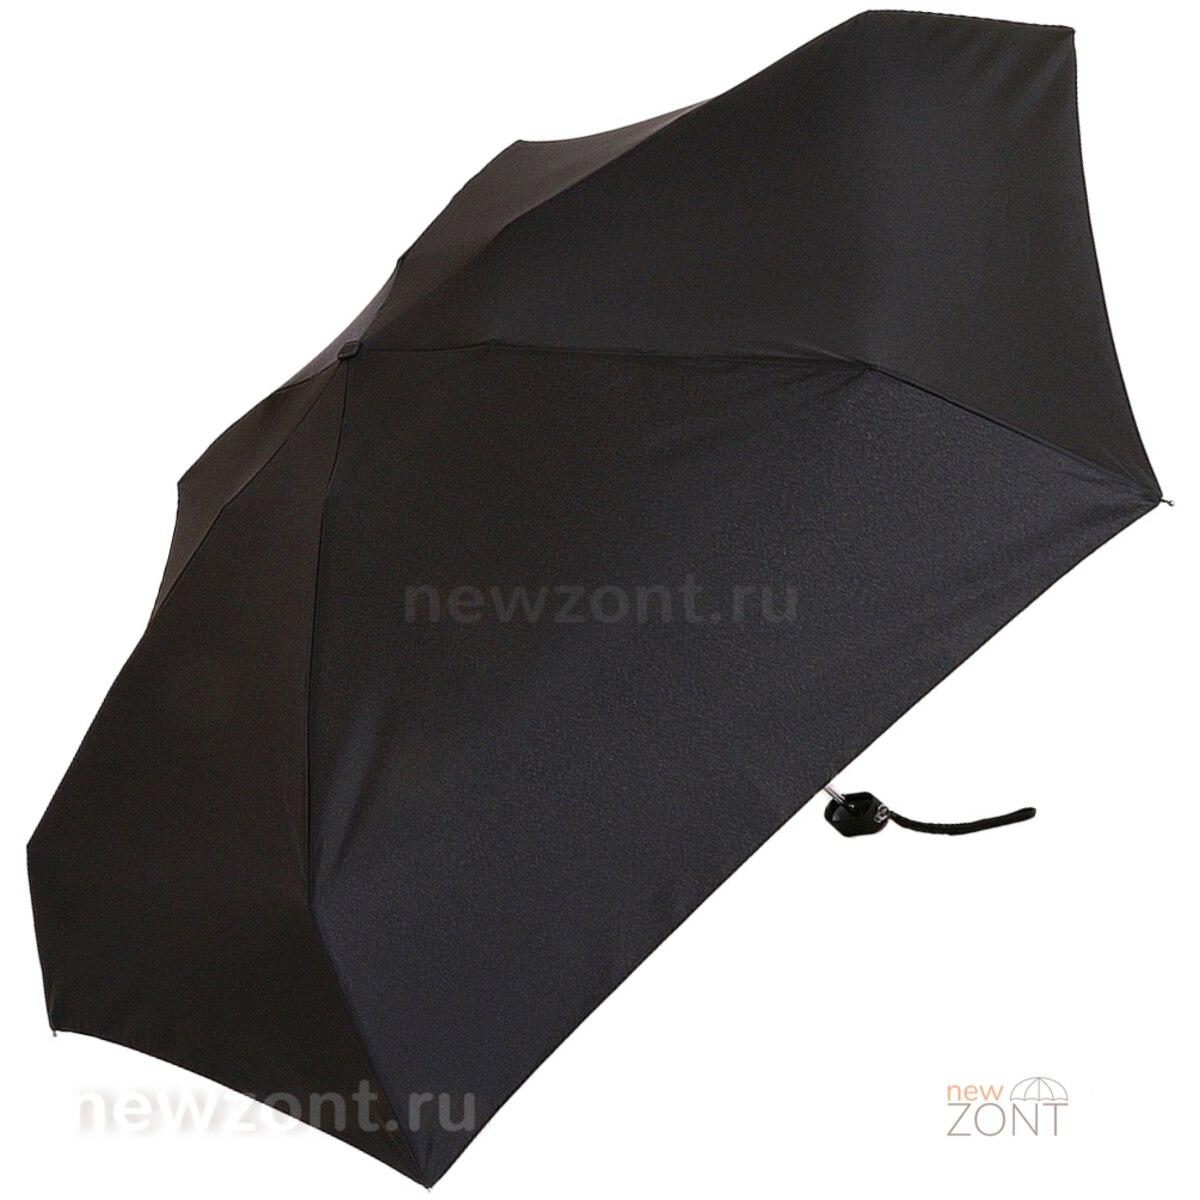 Большой купол мини зонта Ламберти черный